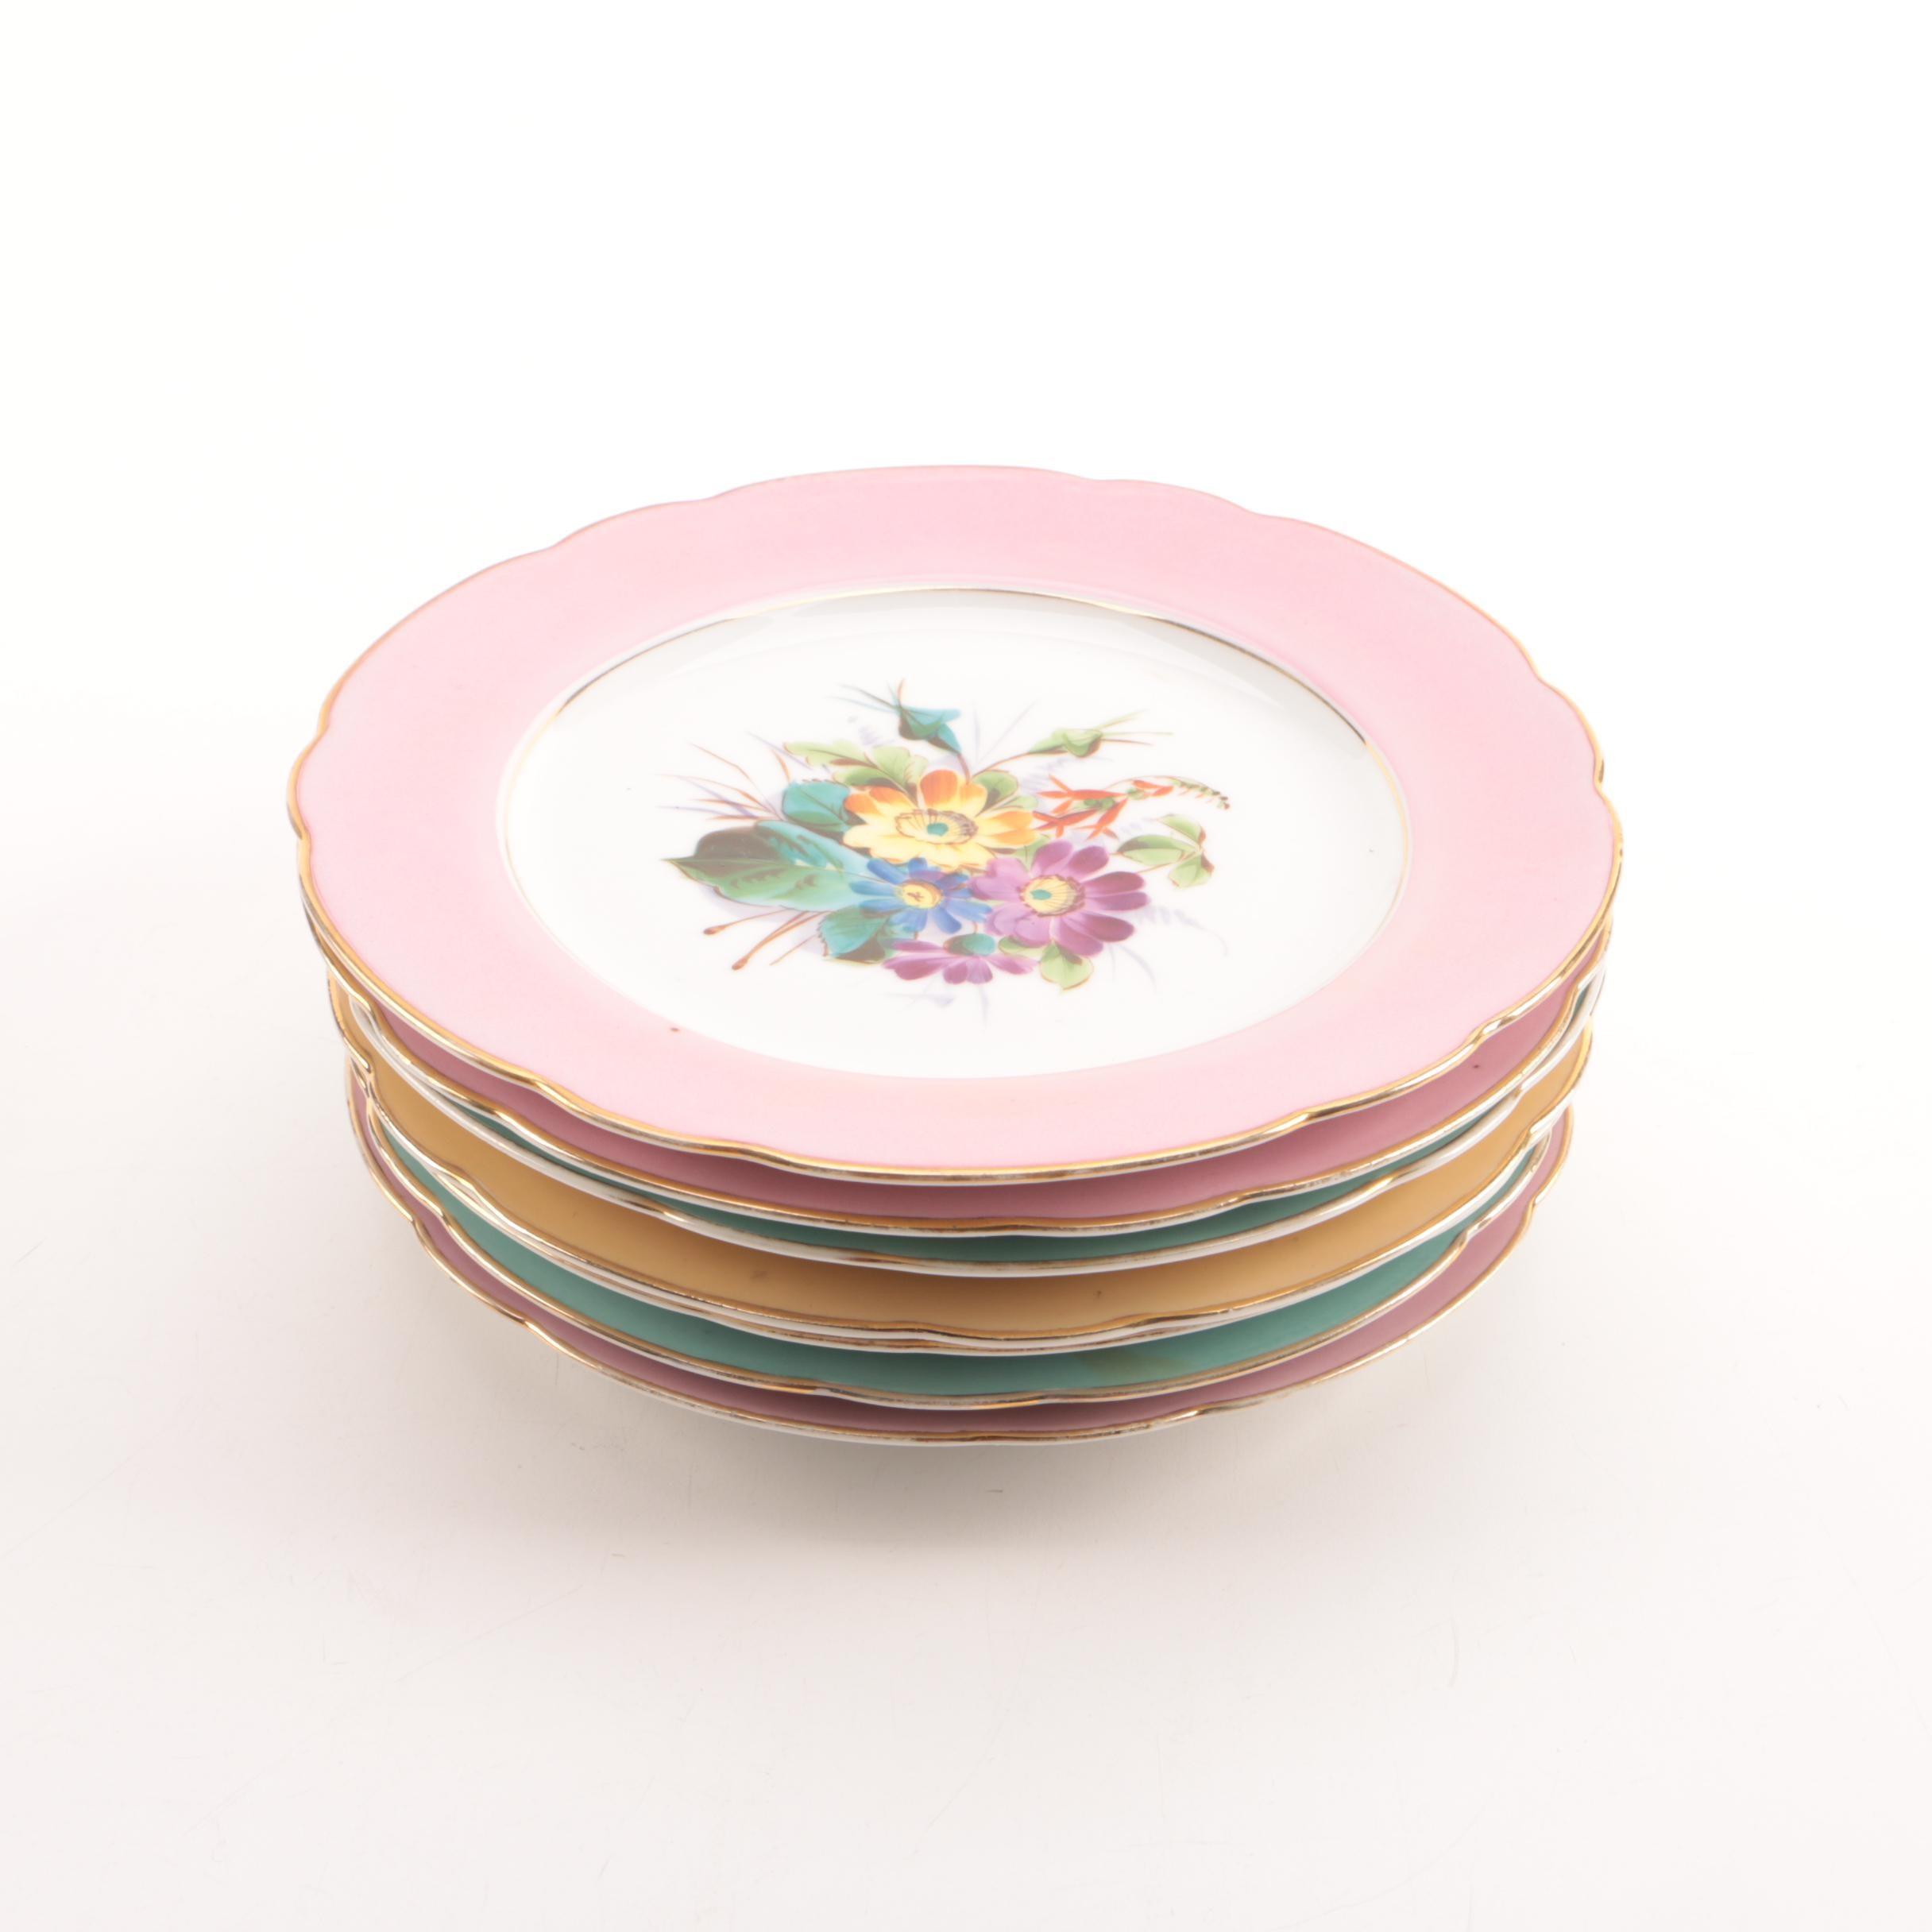 Vintage Floral Themed Porcelain Salad Plates